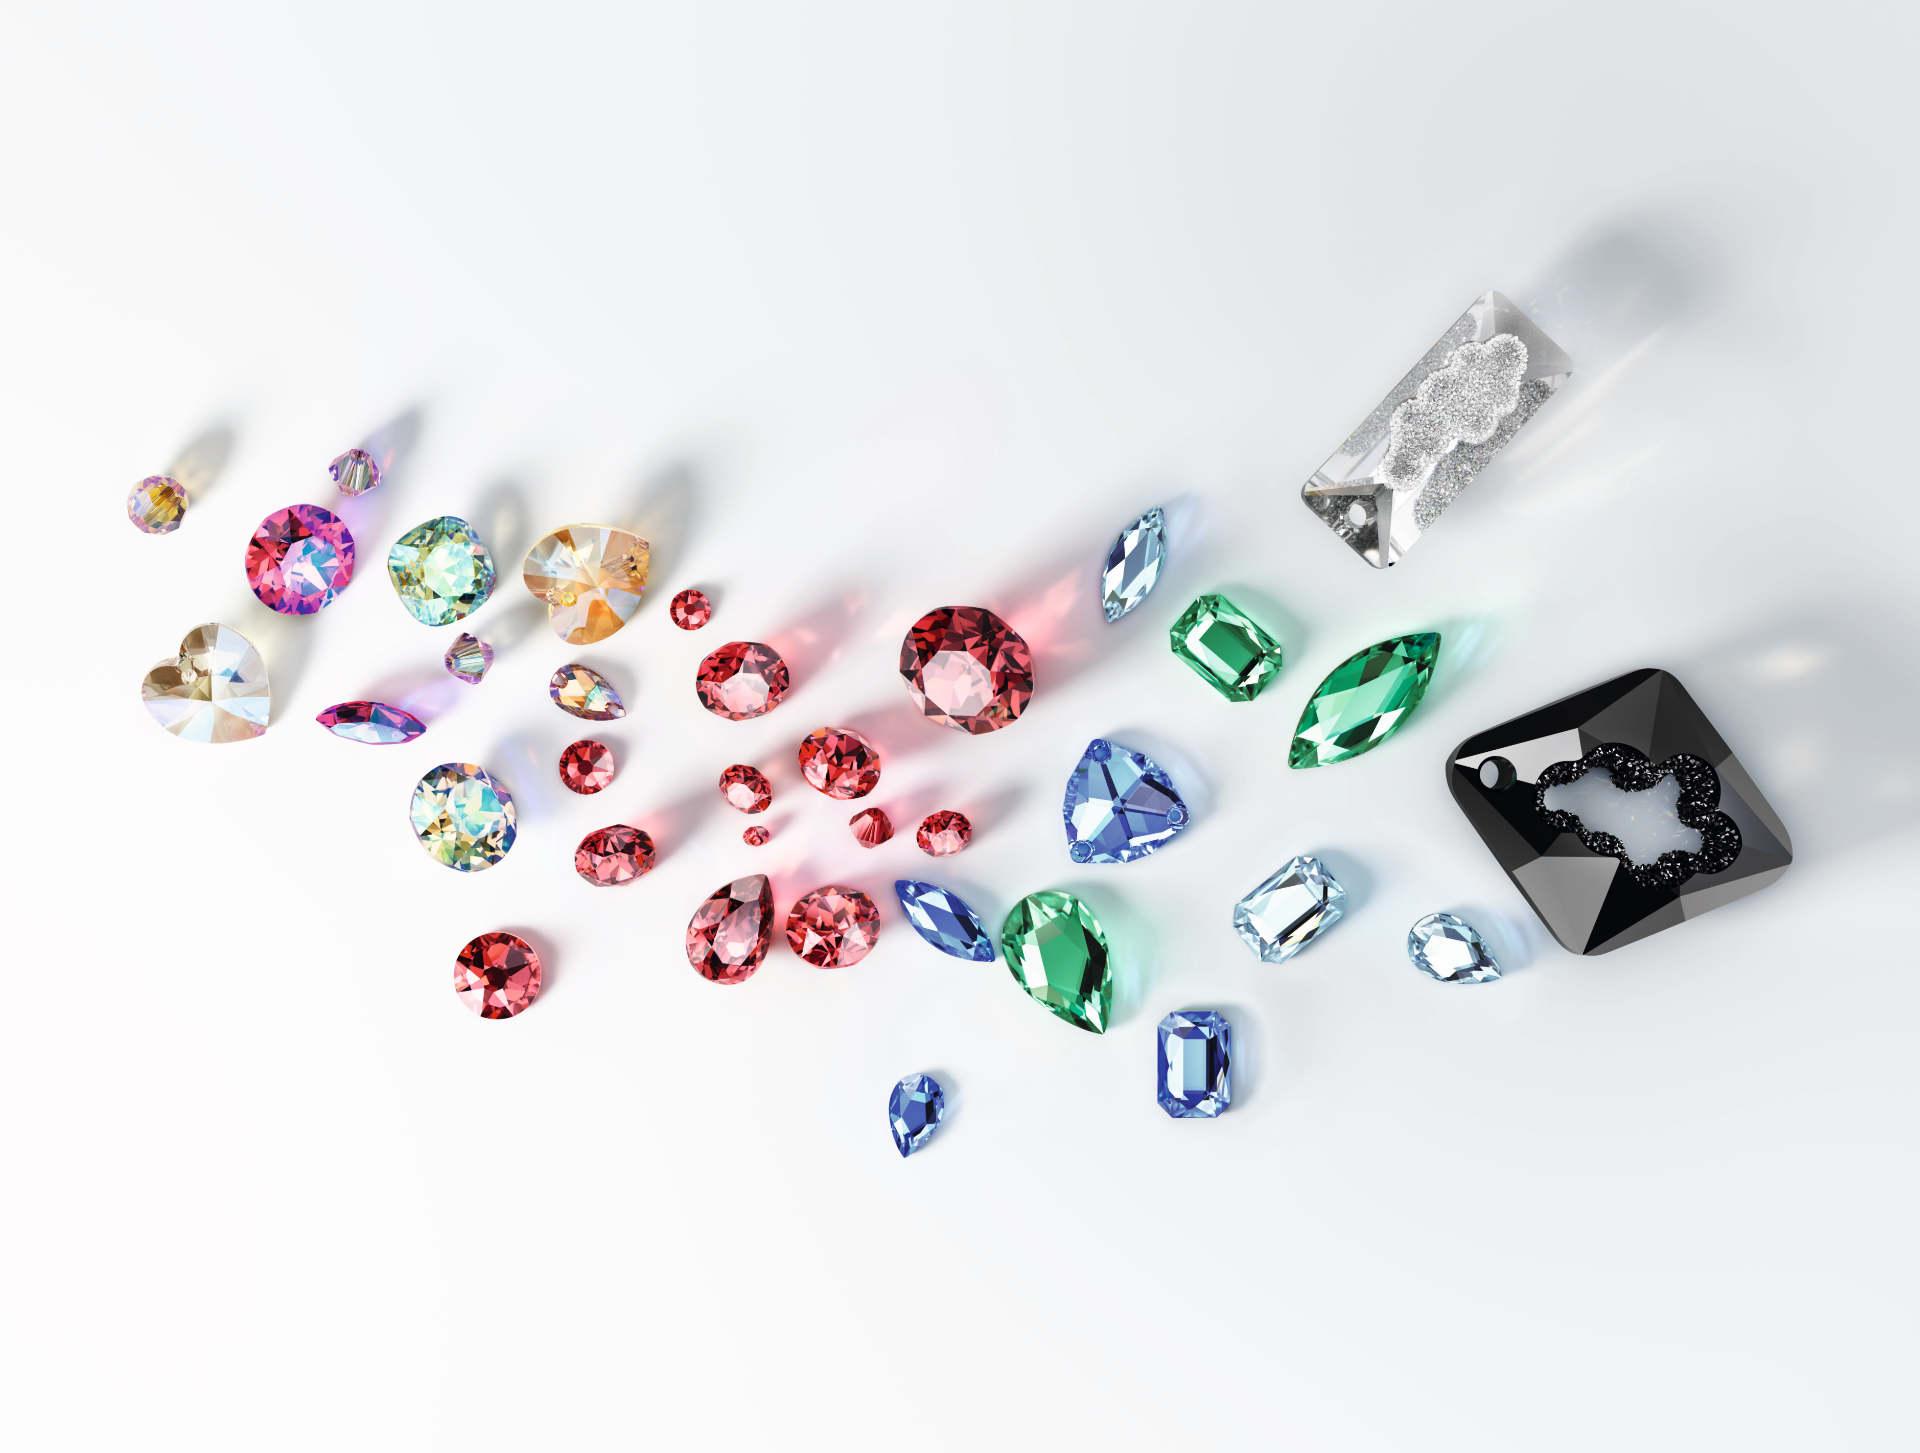 J.Lukes, Boutique de pierres et perles à Paris